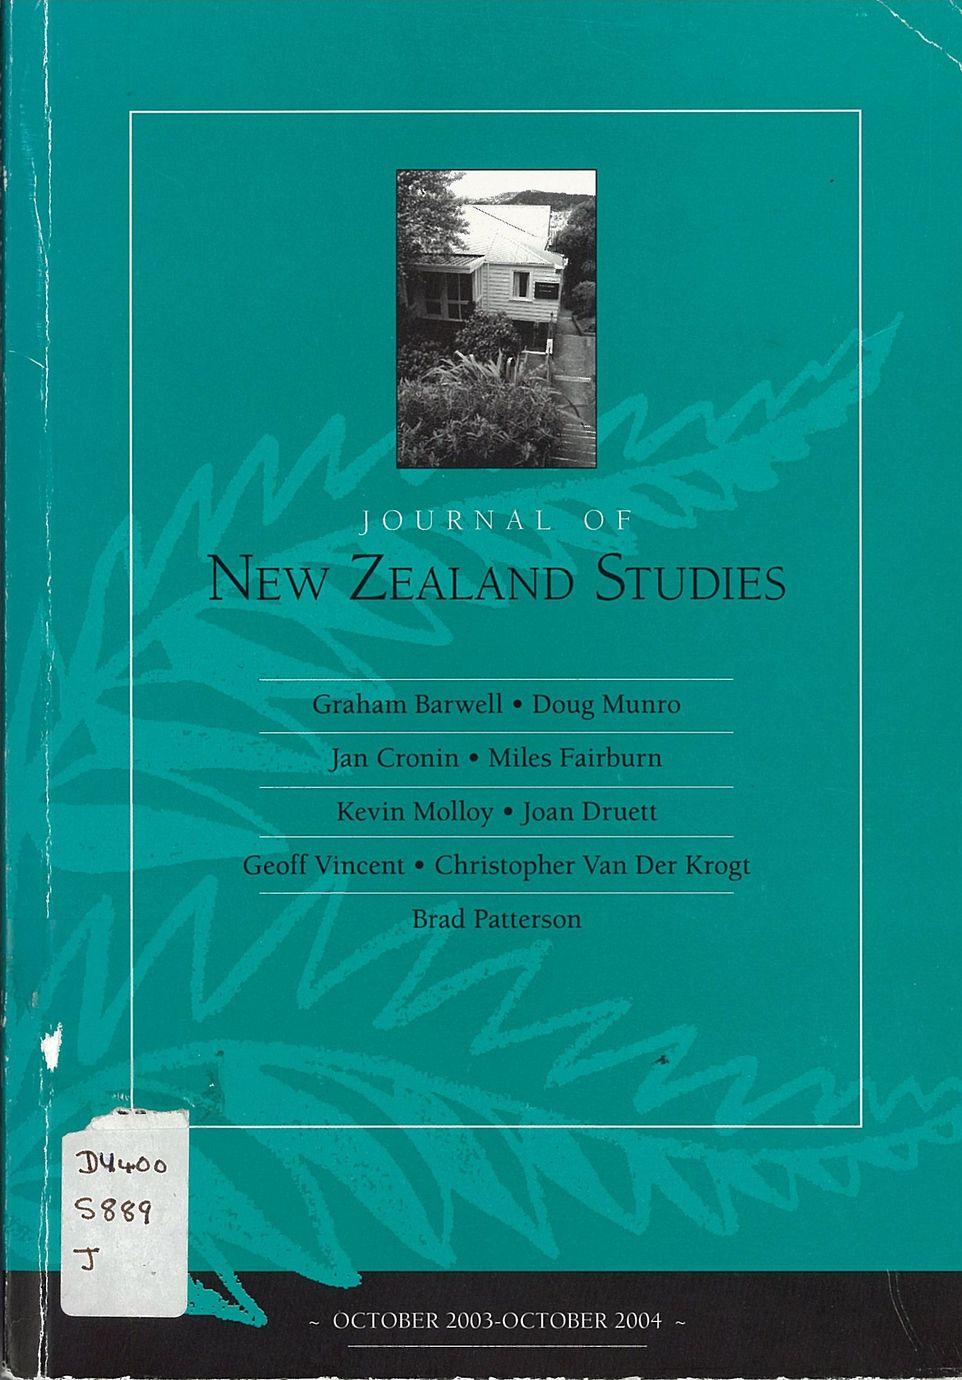 Journal of New Zealand Studies 2004 No. 2/3